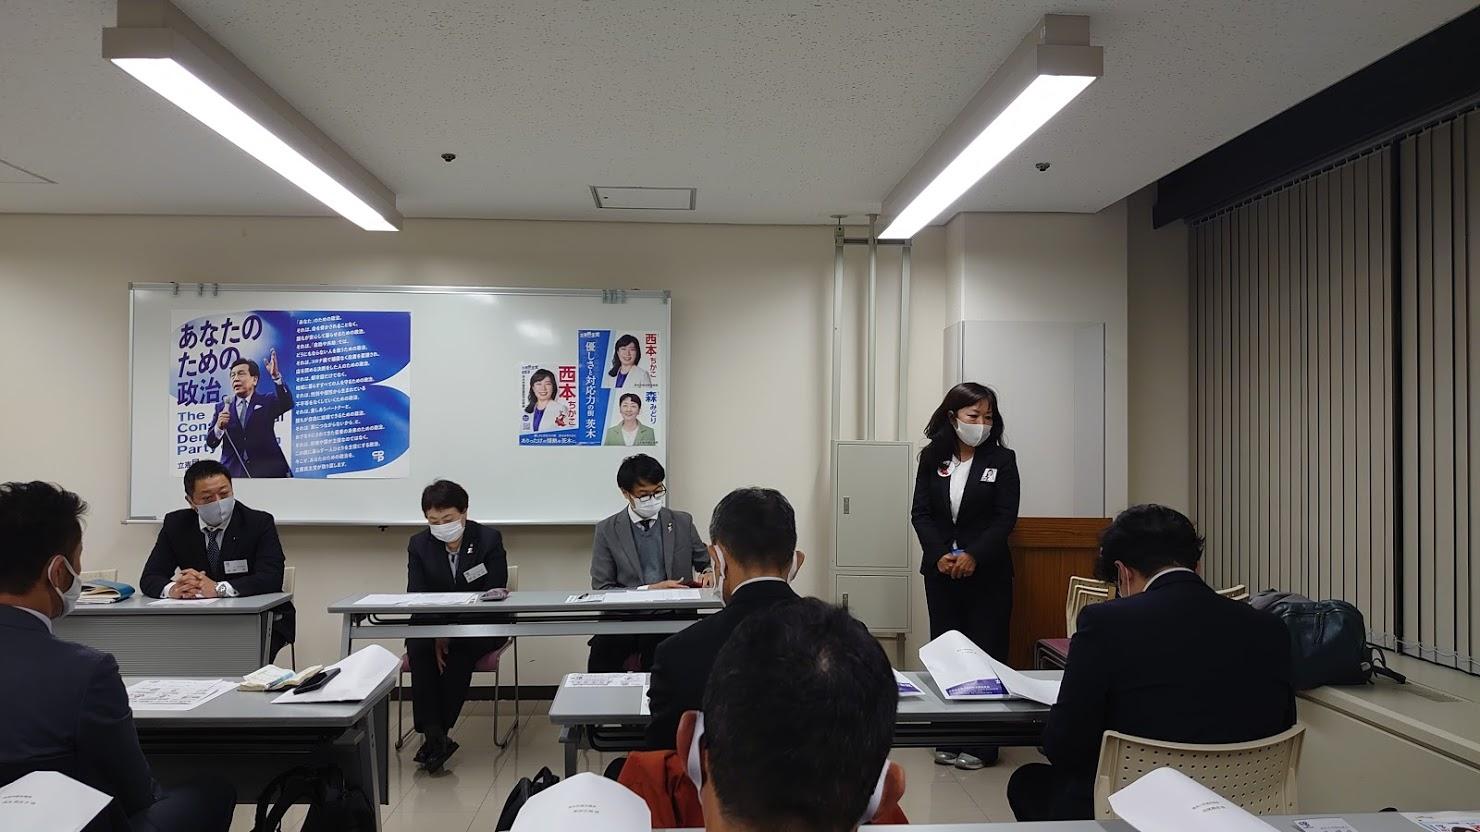 2020.11.26 立憲民主党大阪 自治体議員団会議へ参加